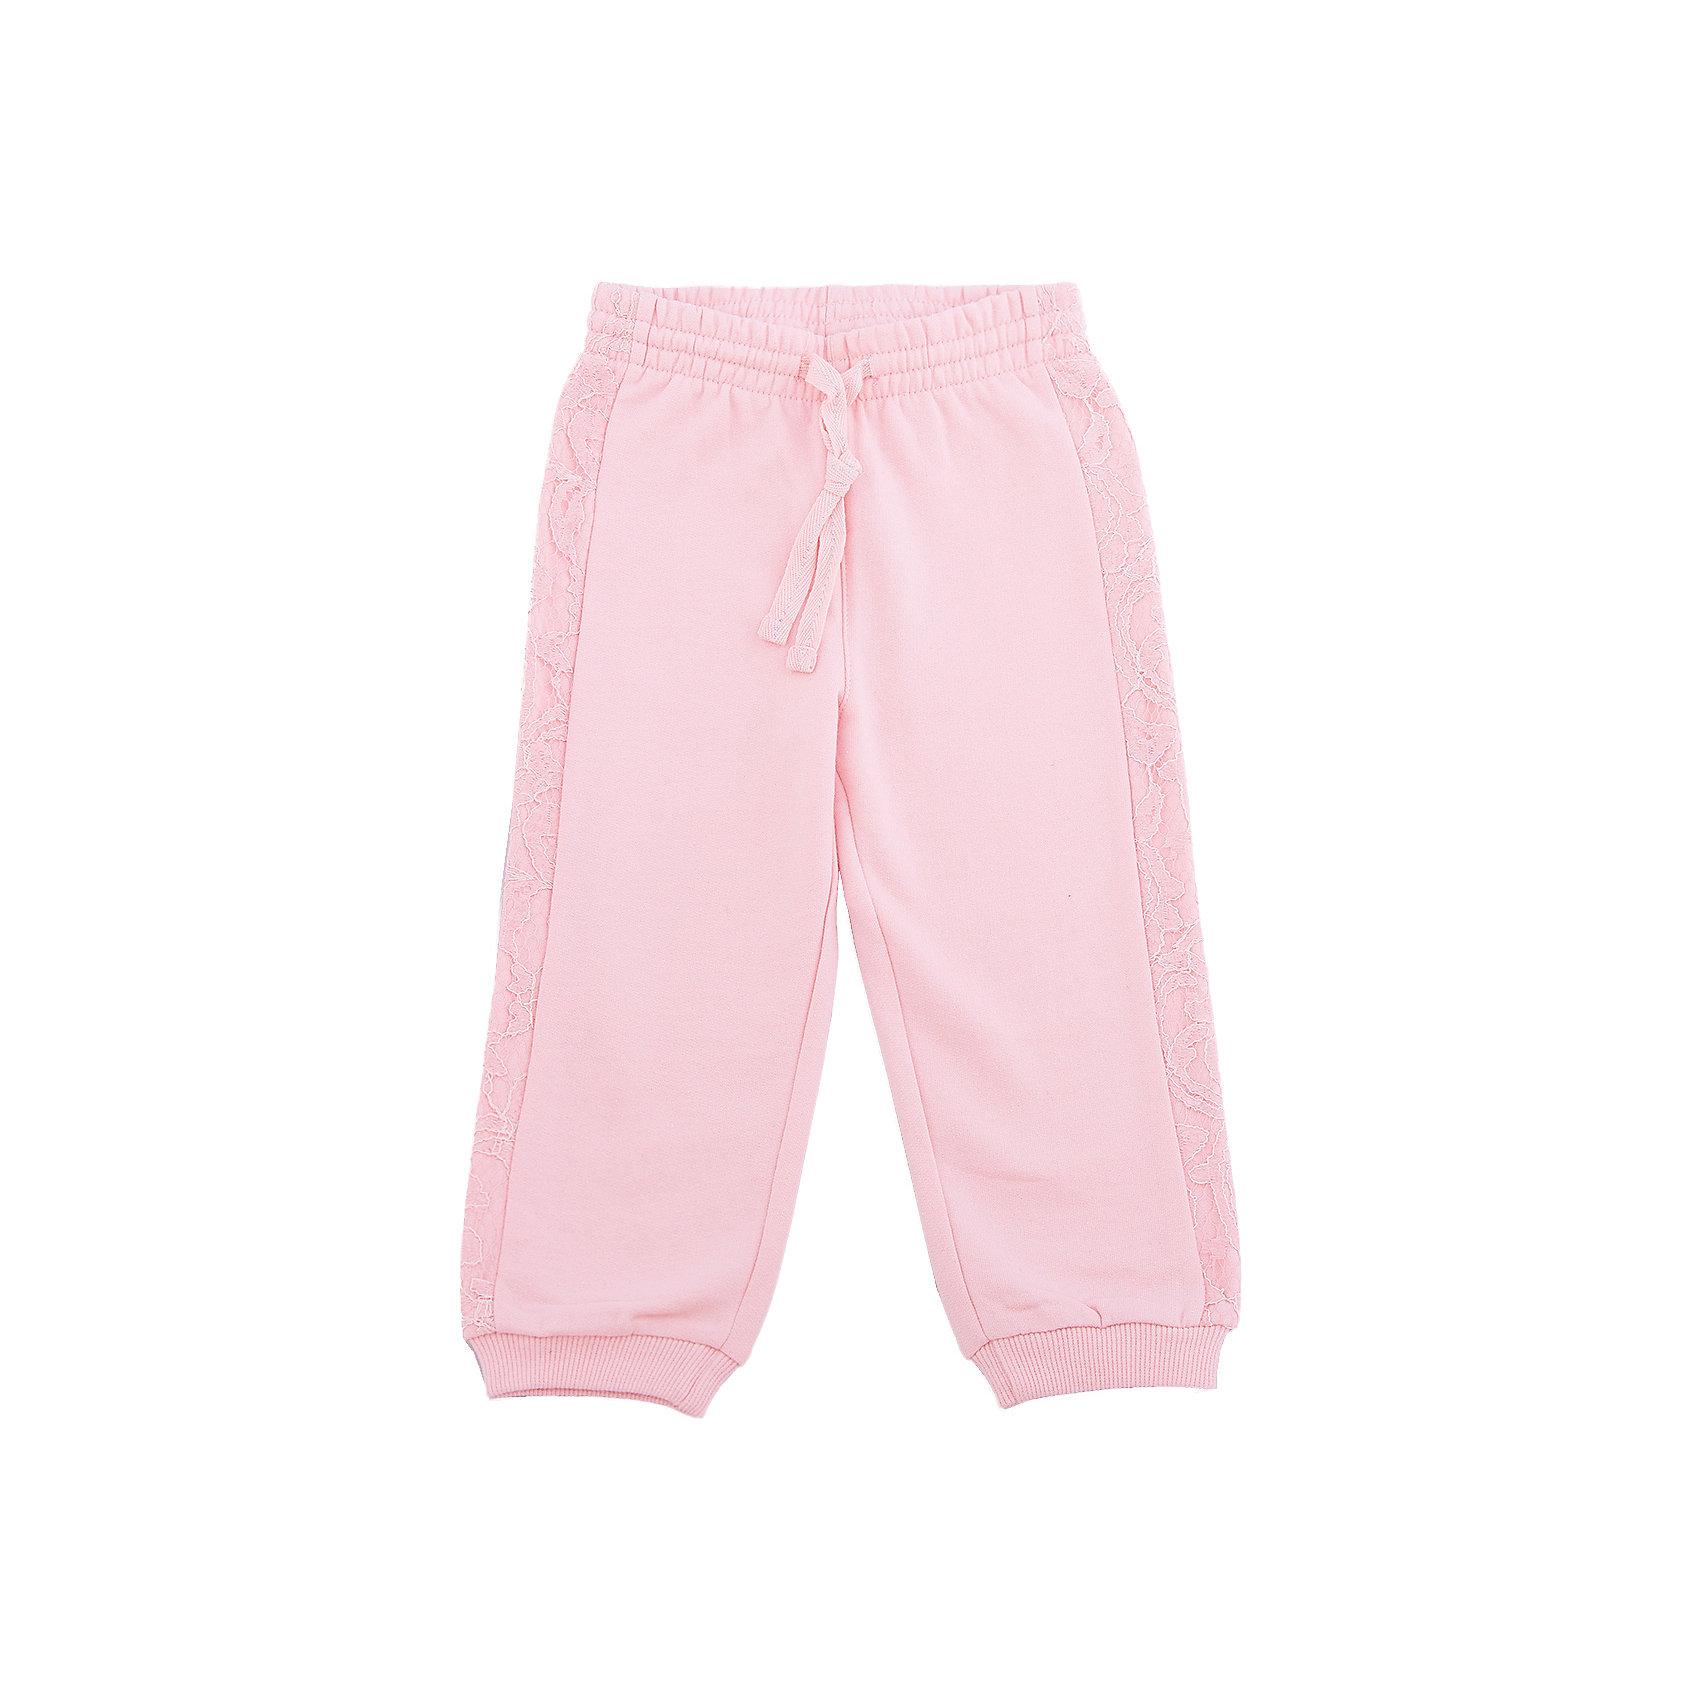 Брюки для девочки PlayTodayБрюки для девочки от известного бренда PlayToday.<br>Уютные розовые брюки из футера с начесом. Нежная кружевная отделка по бокам. Пояс на резинке, дополнительно регулируется тесьмой со сверкающей люрексной нитью. Низ штанишек на трикотажной резинке.<br>Состав:<br>80% хлопок, 20% полиэстер<br><br>Ширина мм: 157<br>Глубина мм: 13<br>Высота мм: 119<br>Вес г: 200<br>Цвет: розовый<br>Возраст от месяцев: 12<br>Возраст до месяцев: 15<br>Пол: Женский<br>Возраст: Детский<br>Размер: 74,92,86,80<br>SKU: 4900554